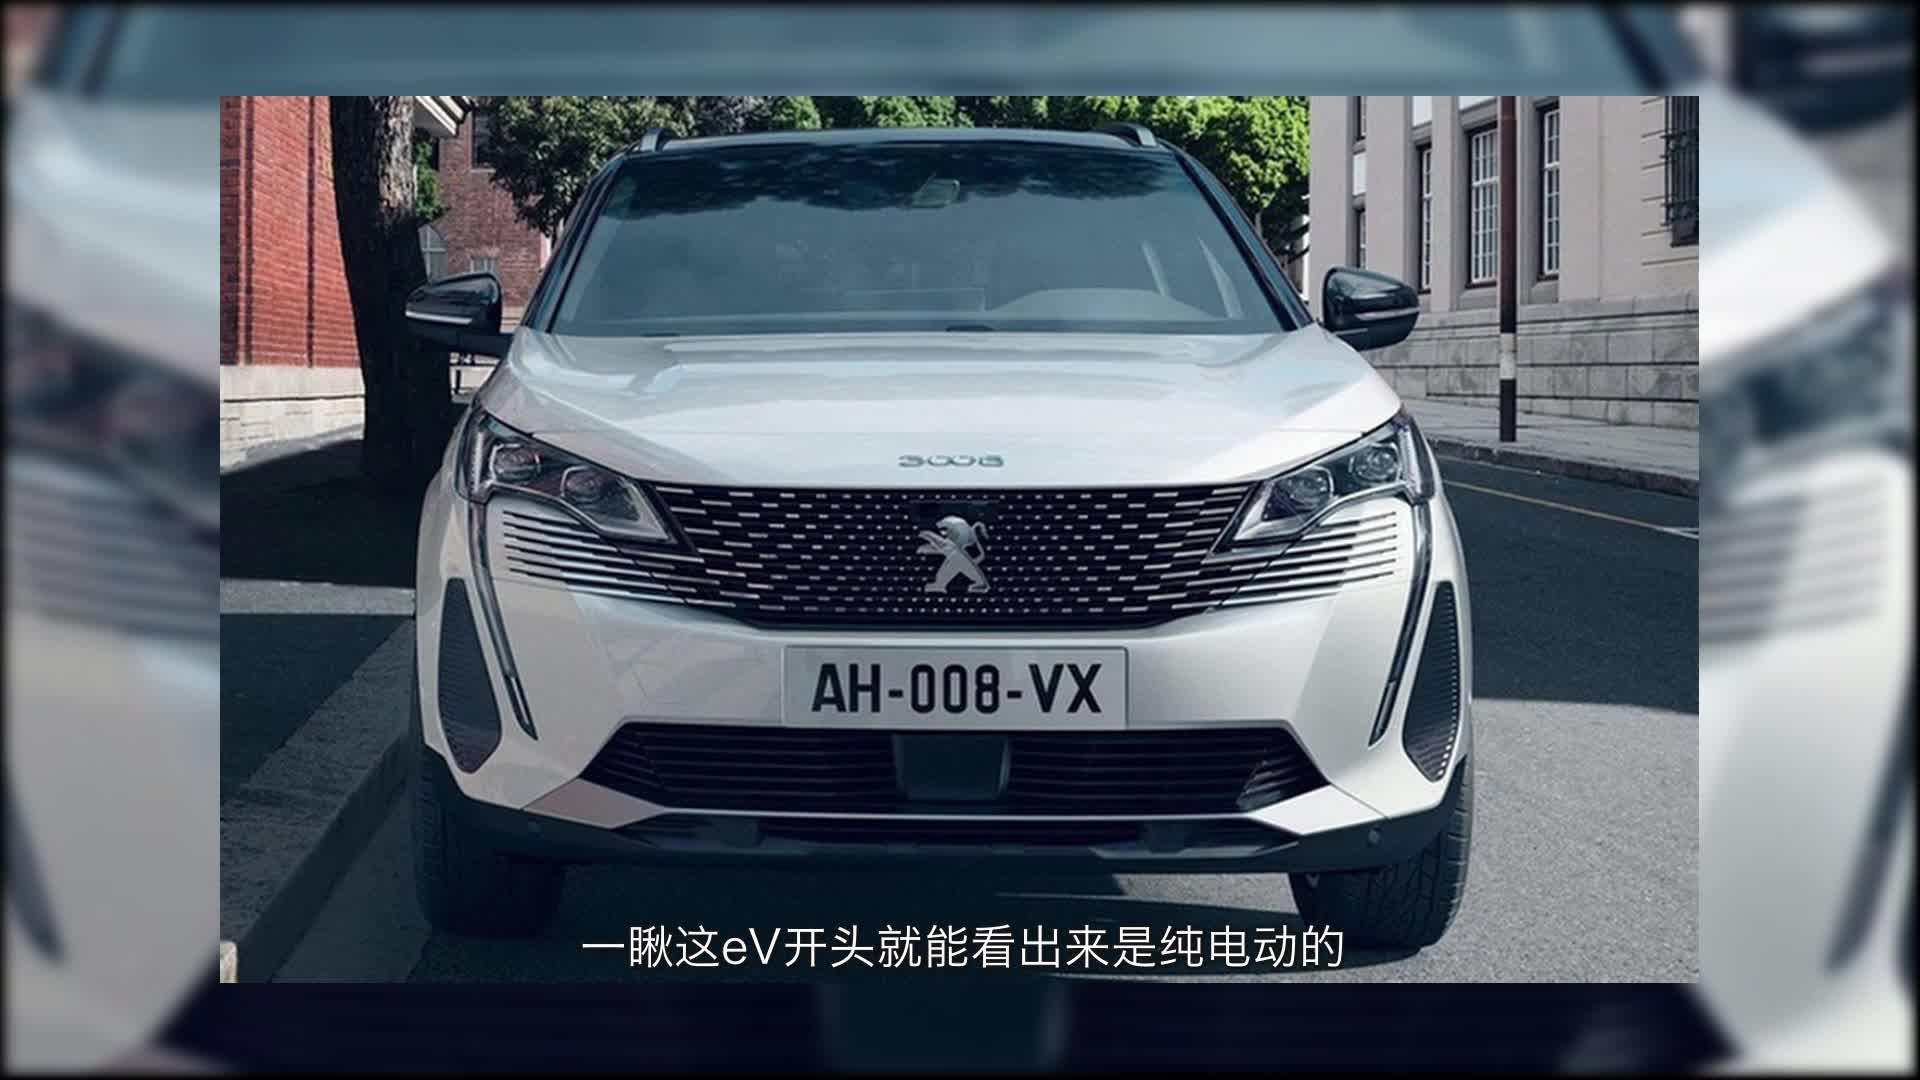 视频:标致全新3008纯电版车型计划2023年亮相小狮子力不从心追赶竞对。